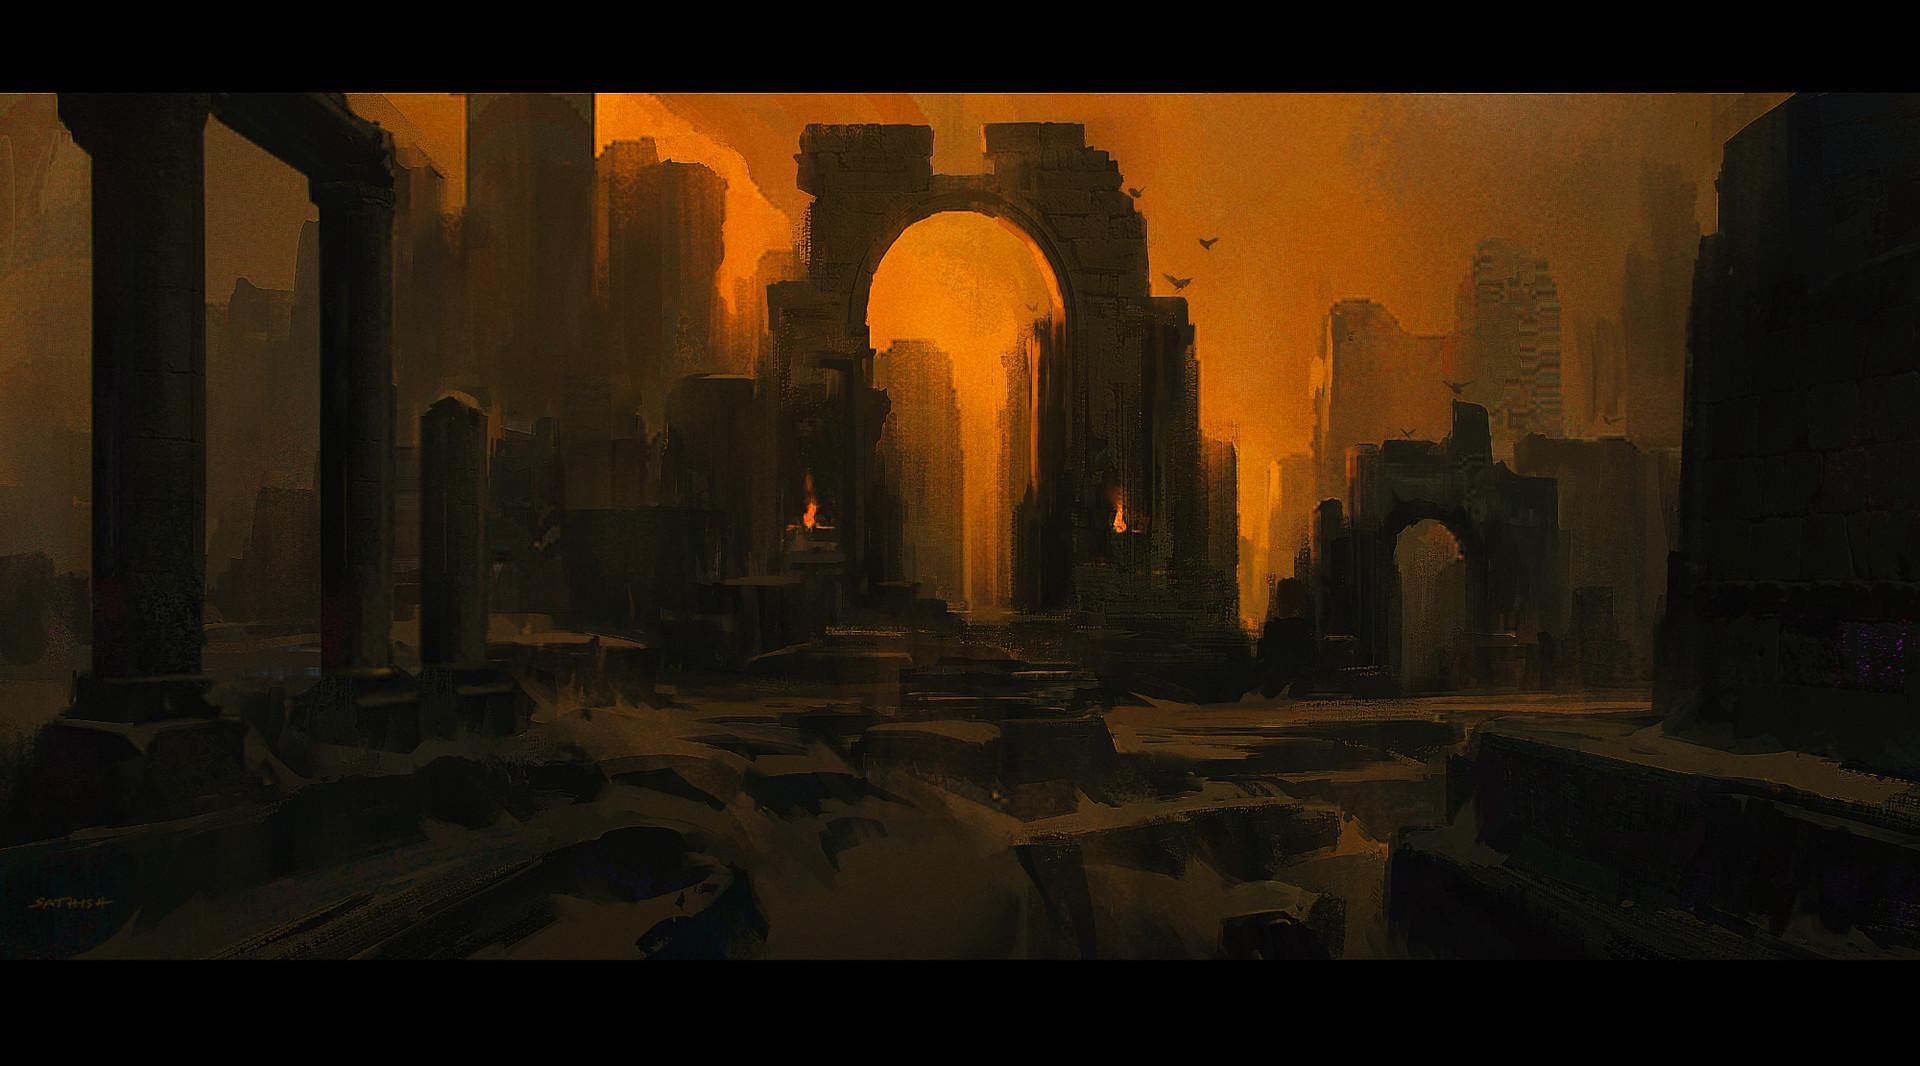 pre_1579971436__digital-artwork-ruins-1543975.jpg